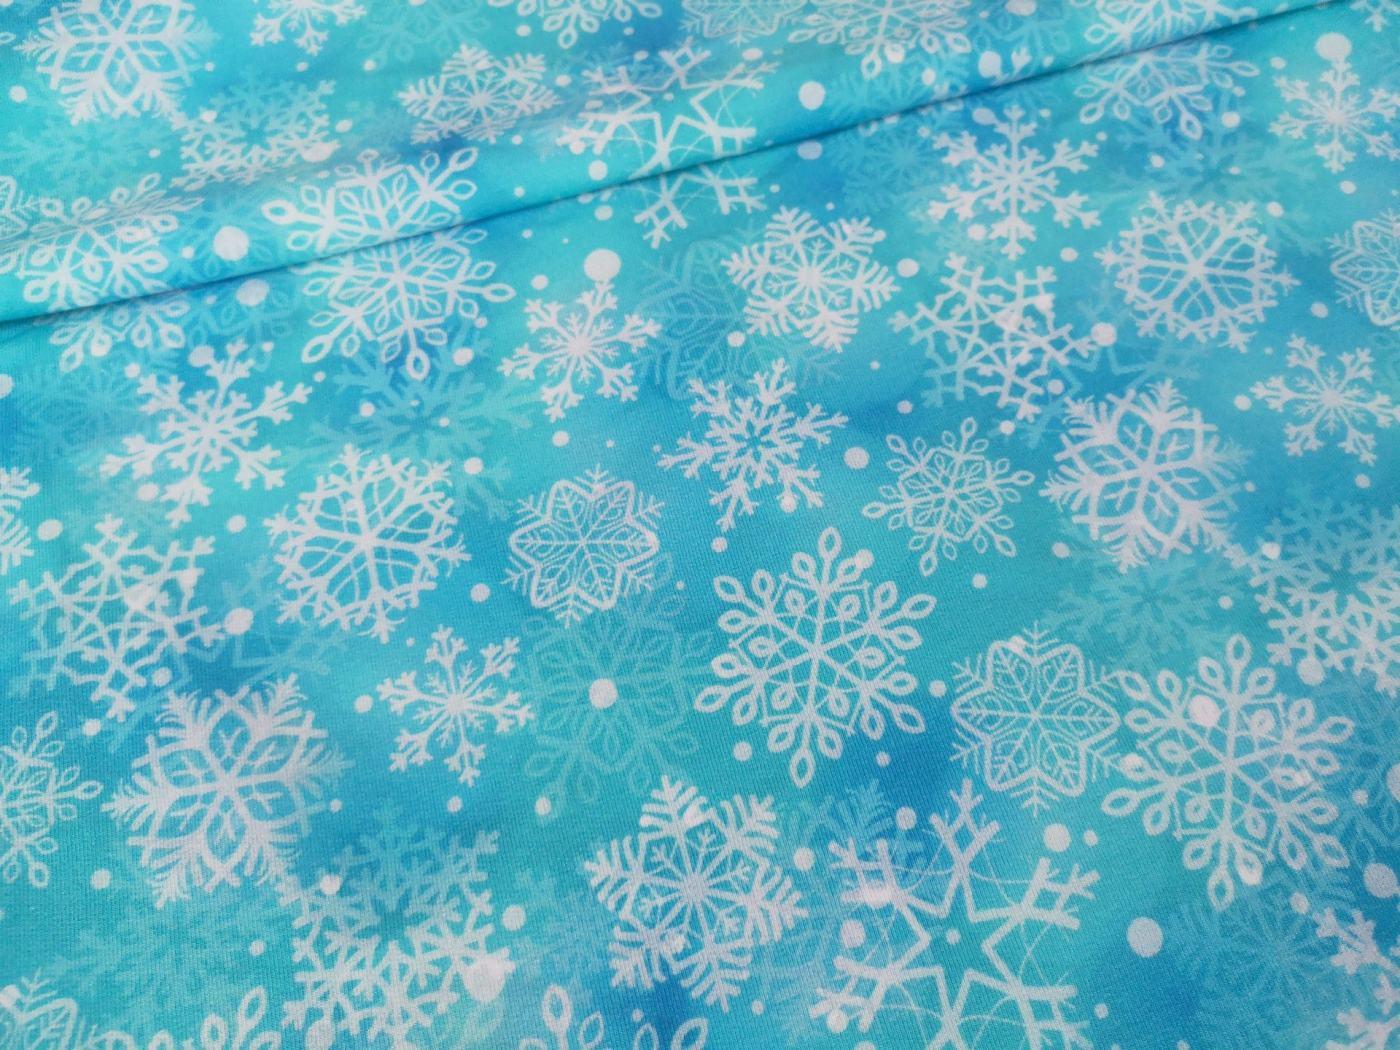 Schneegestöber 2